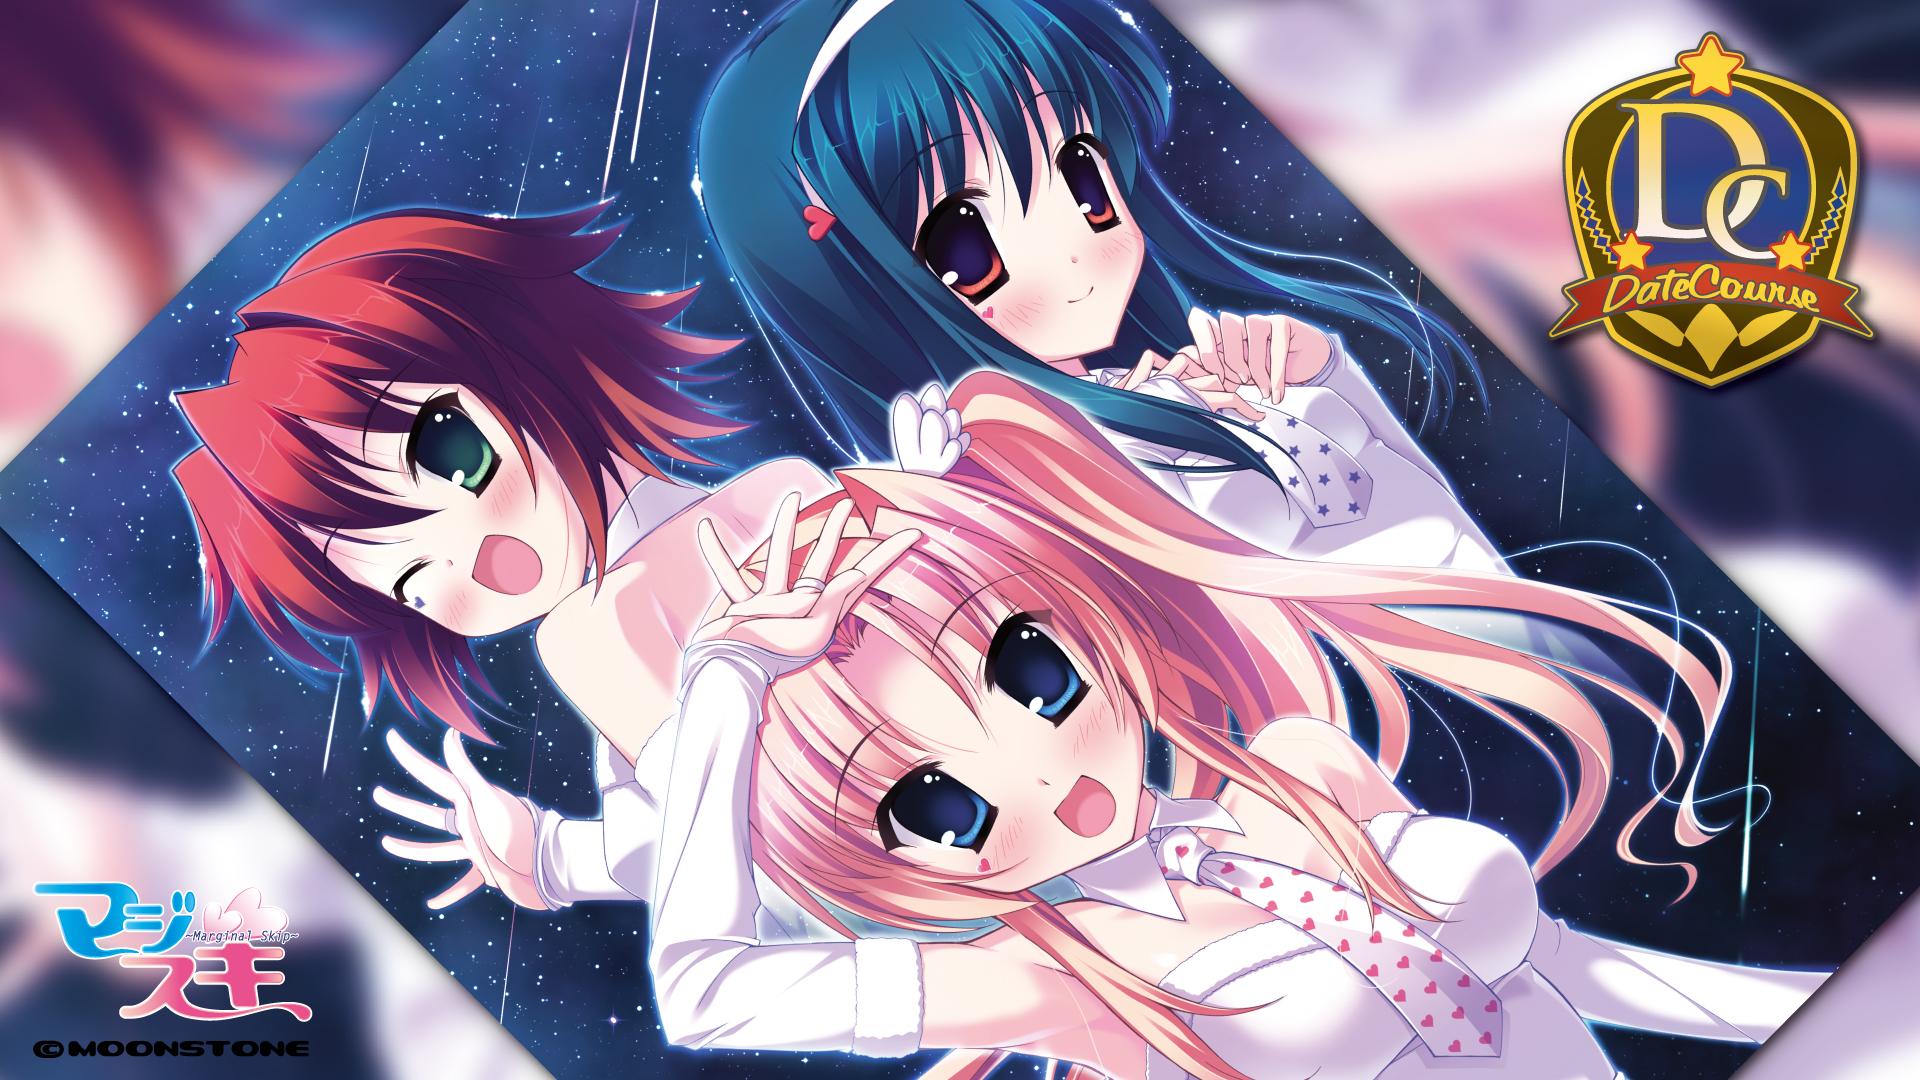 amatsu_touko blush hinata_mutsuki marginal_skip moonstone